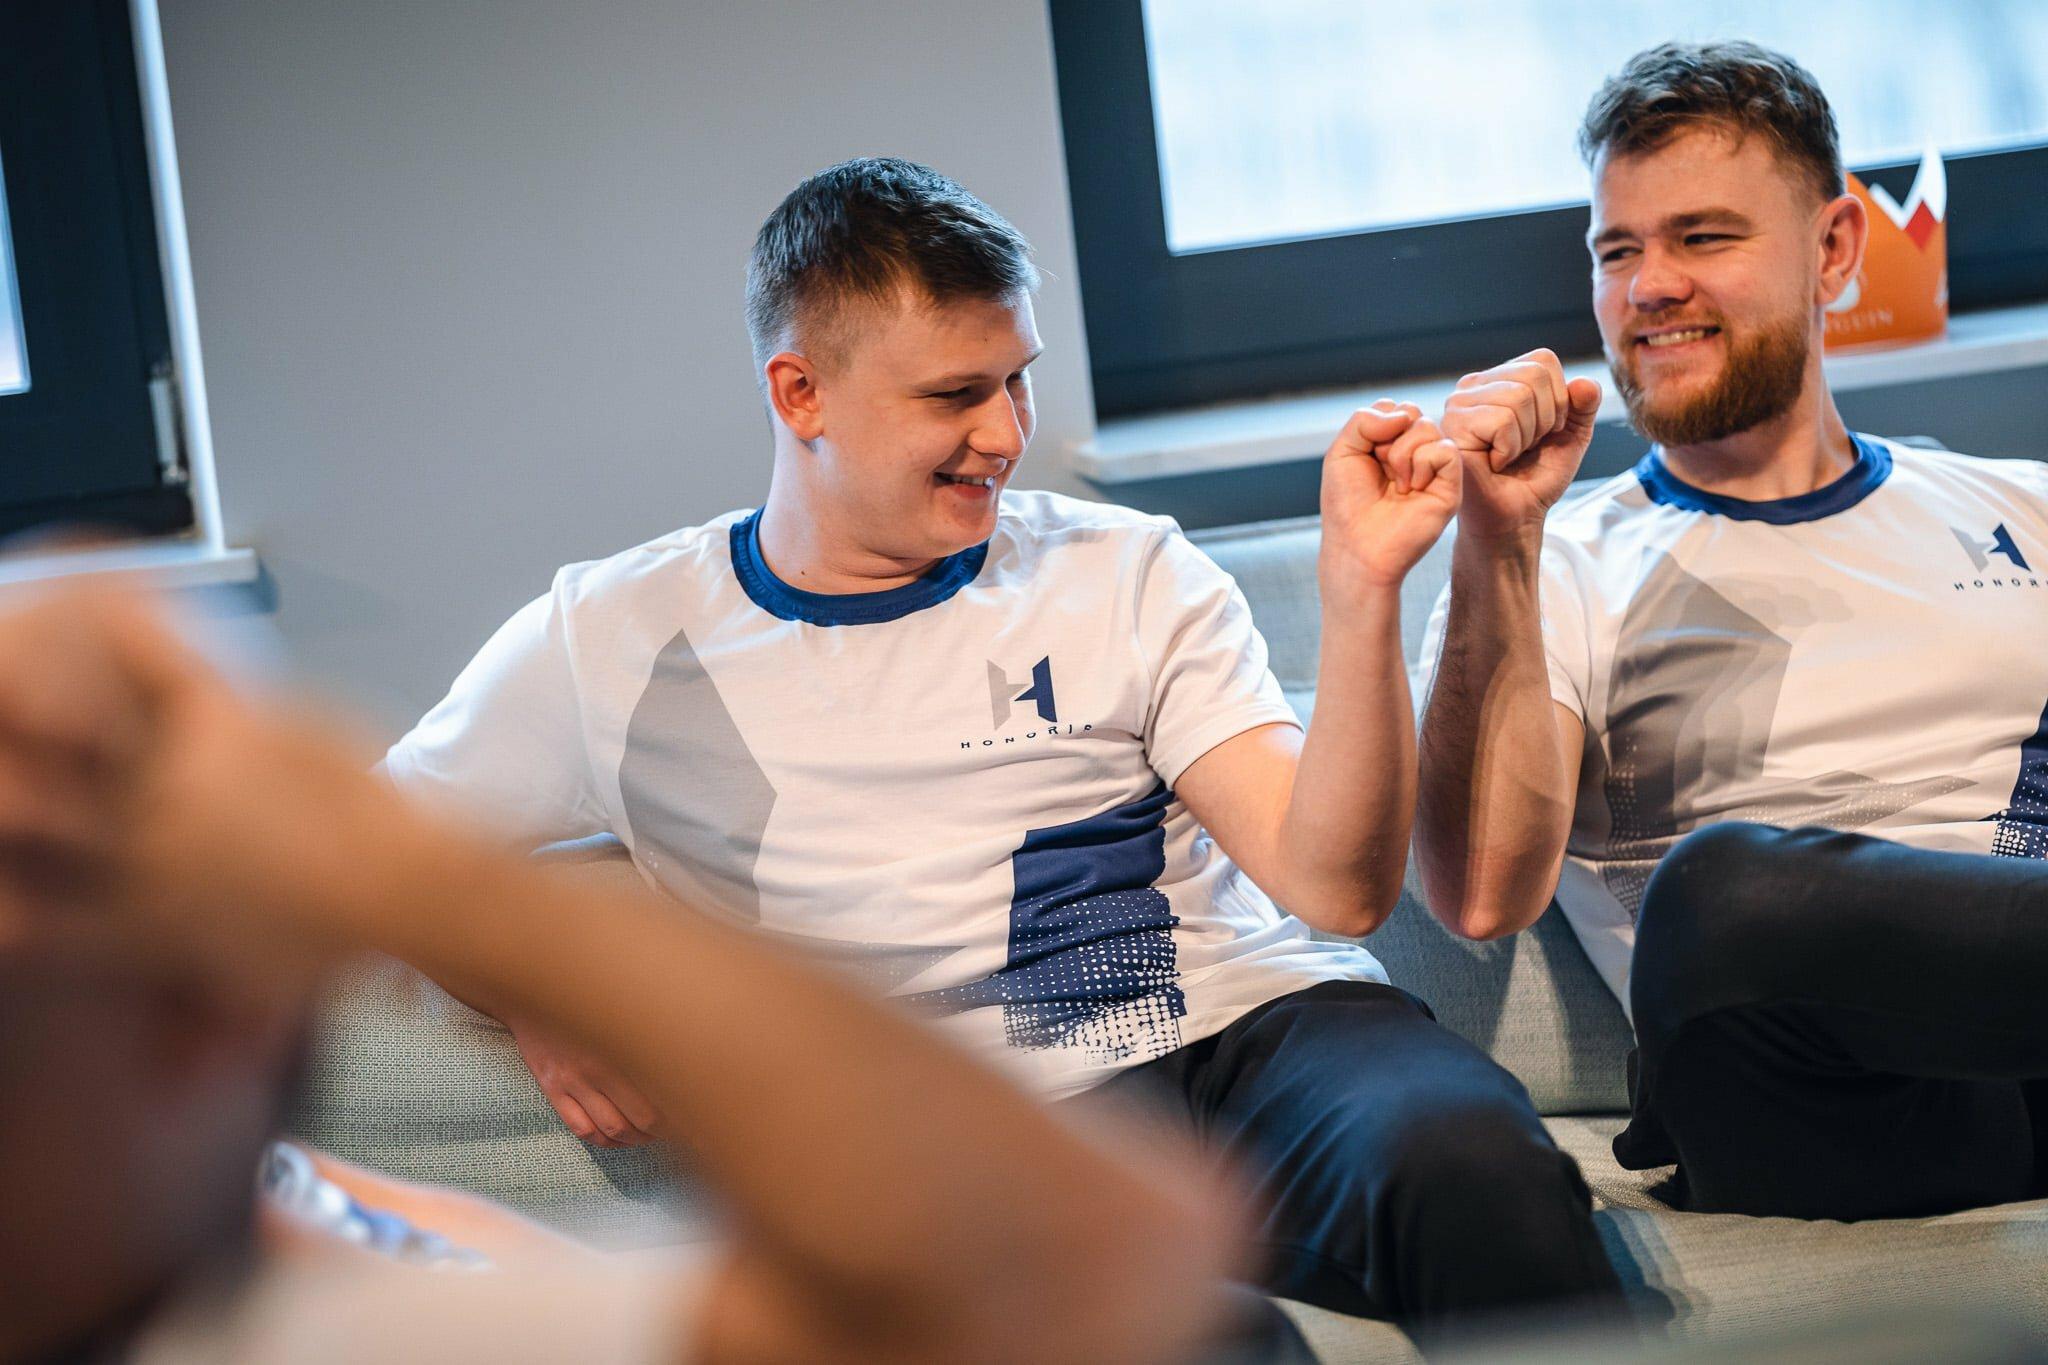 HONORIS zagra na Stadionie Śląskim. NEO powalczy o powrót na V4